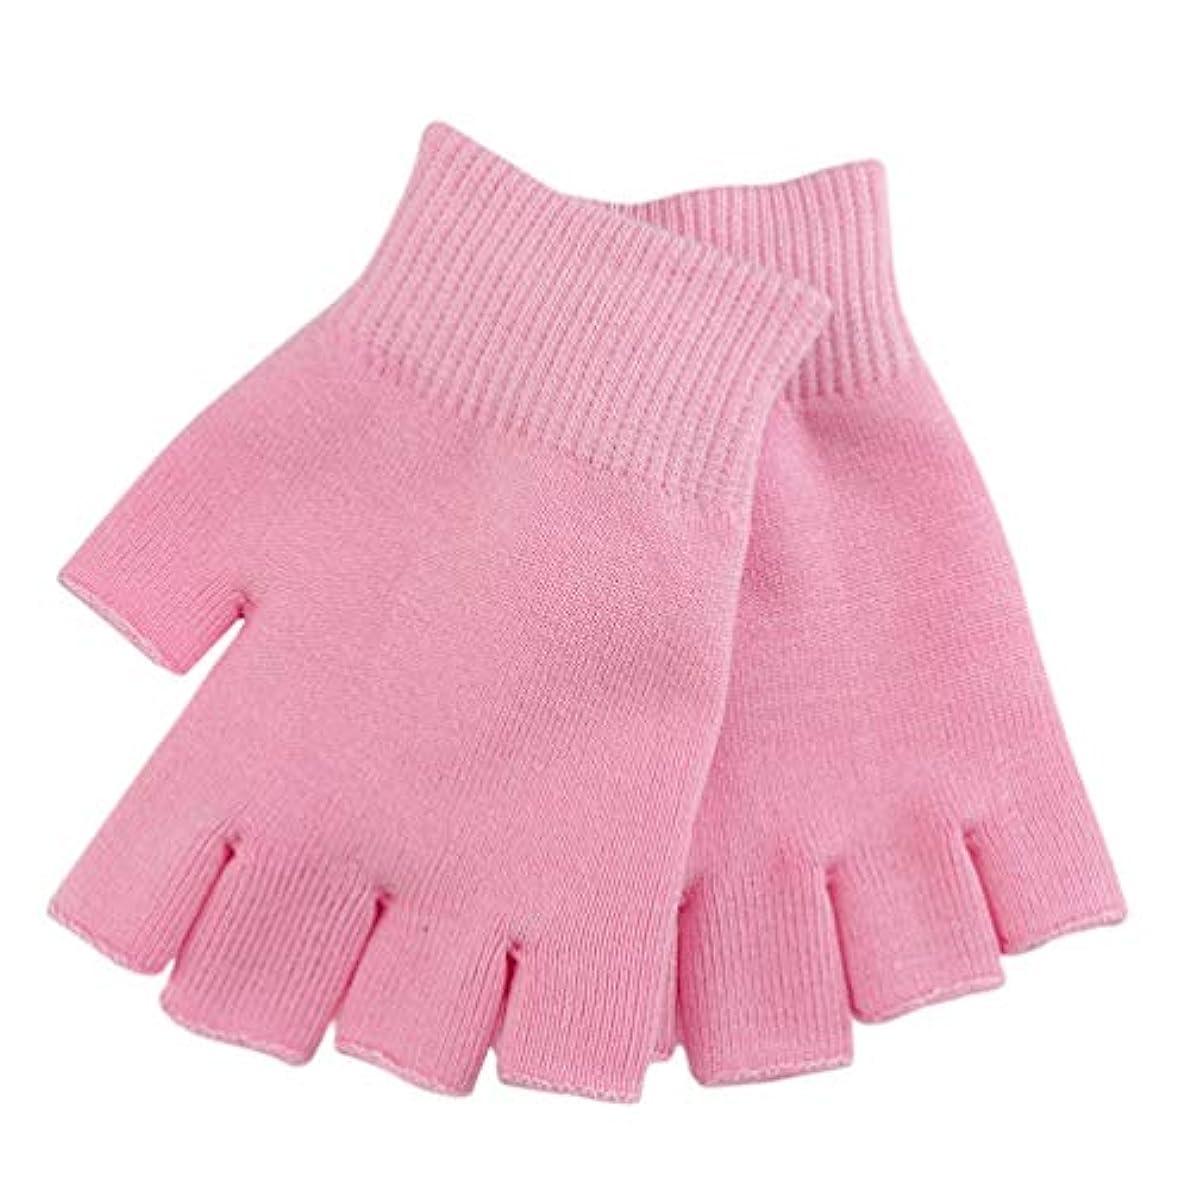 手フレットではごきげんようHealifty 保湿スパ手袋治癒のための半分の指のタッチスクリーン手袋綿ゲルライン精油水分指なしミトンに乾燥肌ひび割れ手(ピンク)